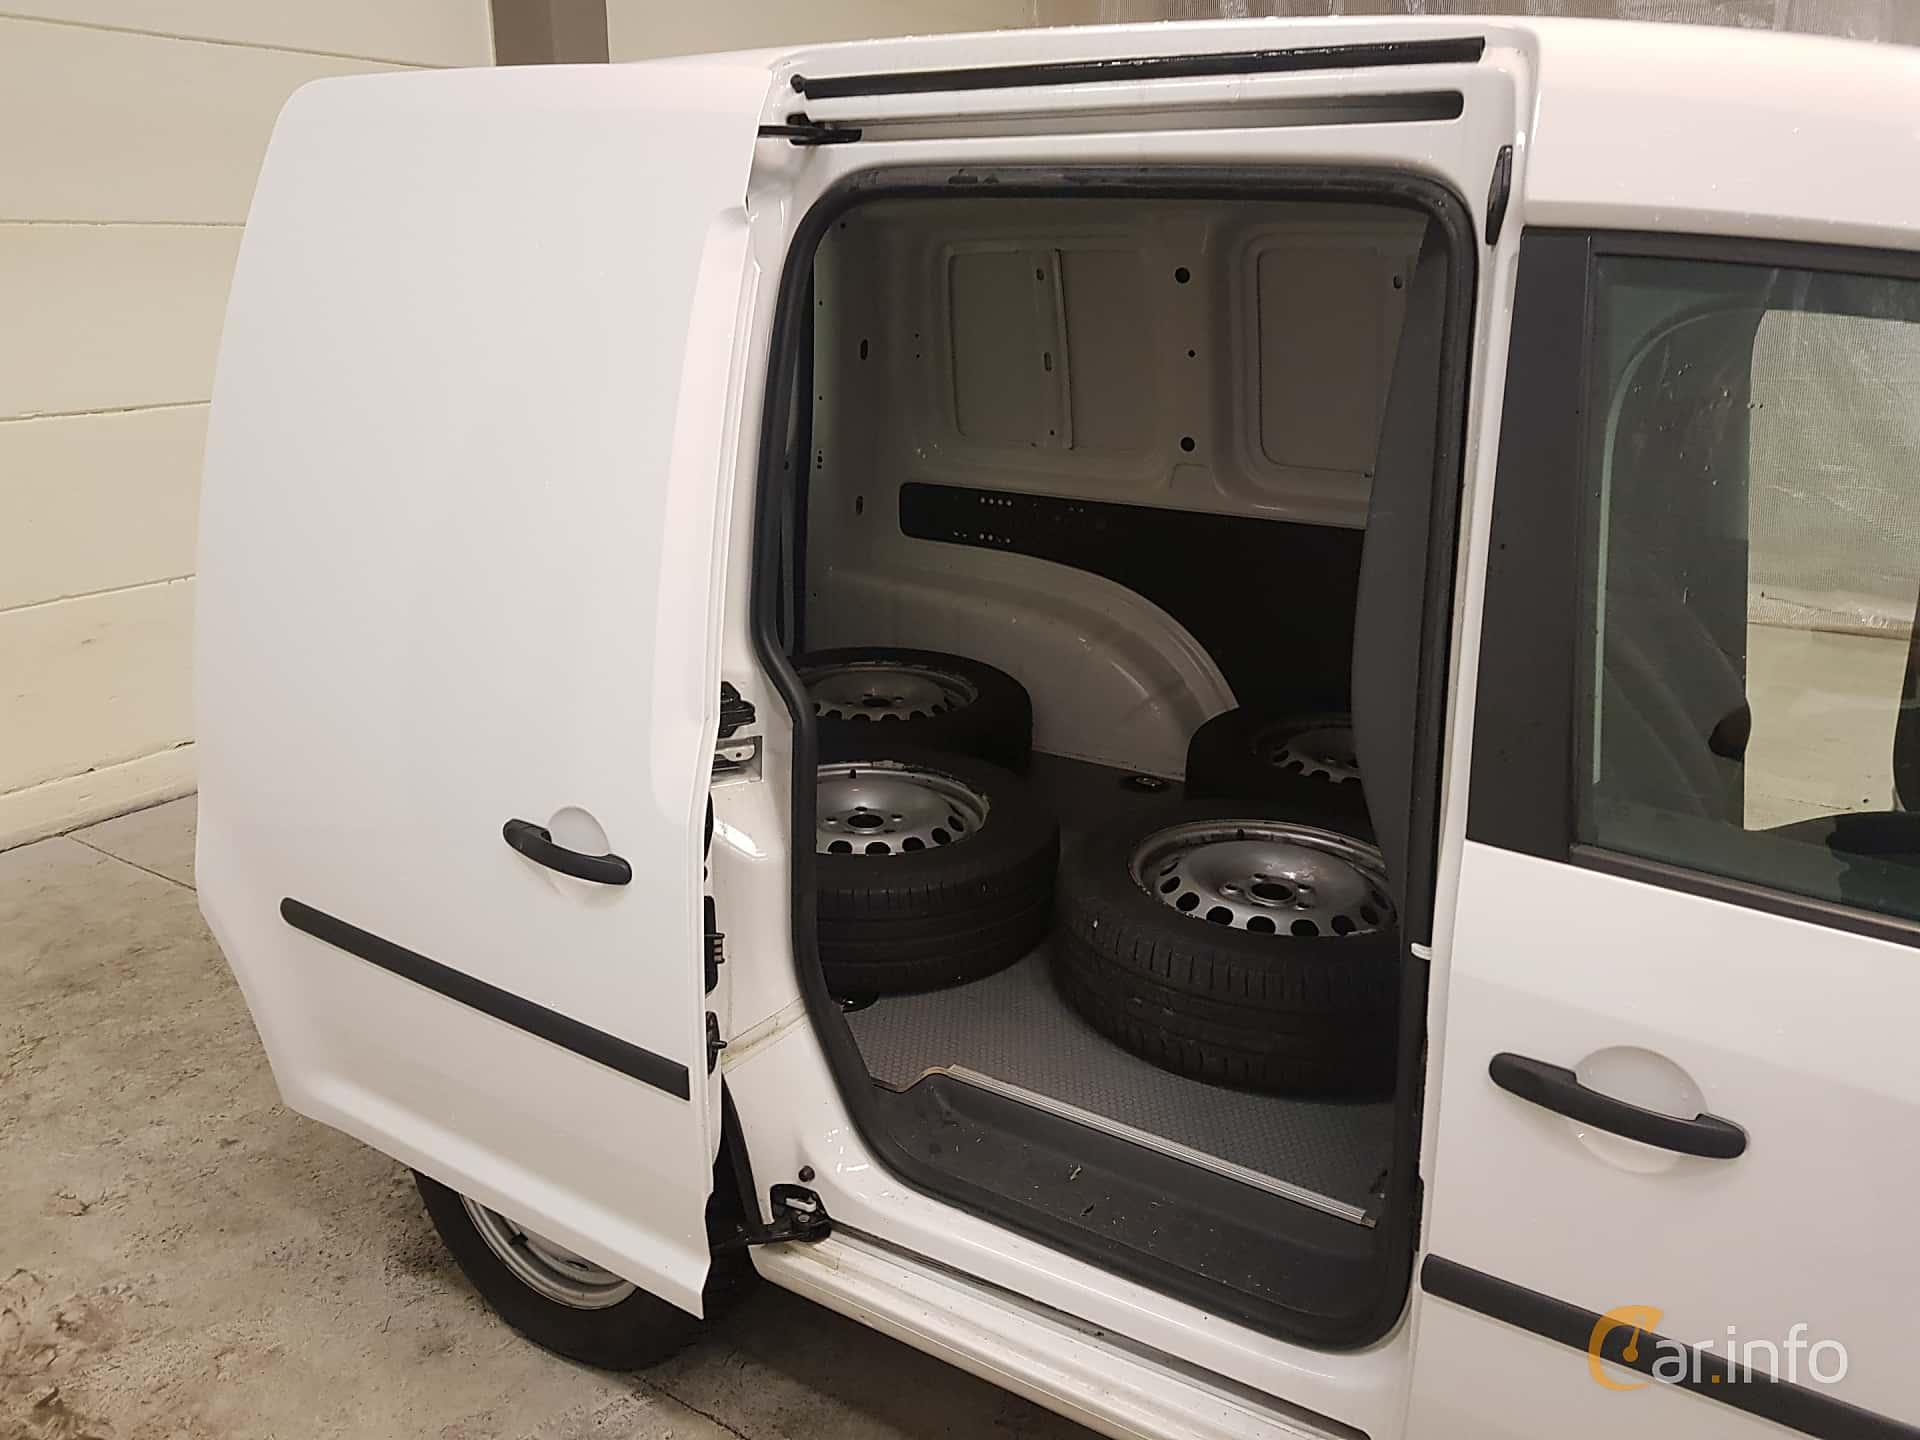 Volkswagen Caddy Panel Van 1.6 TDI Manual, 75hp, 2015